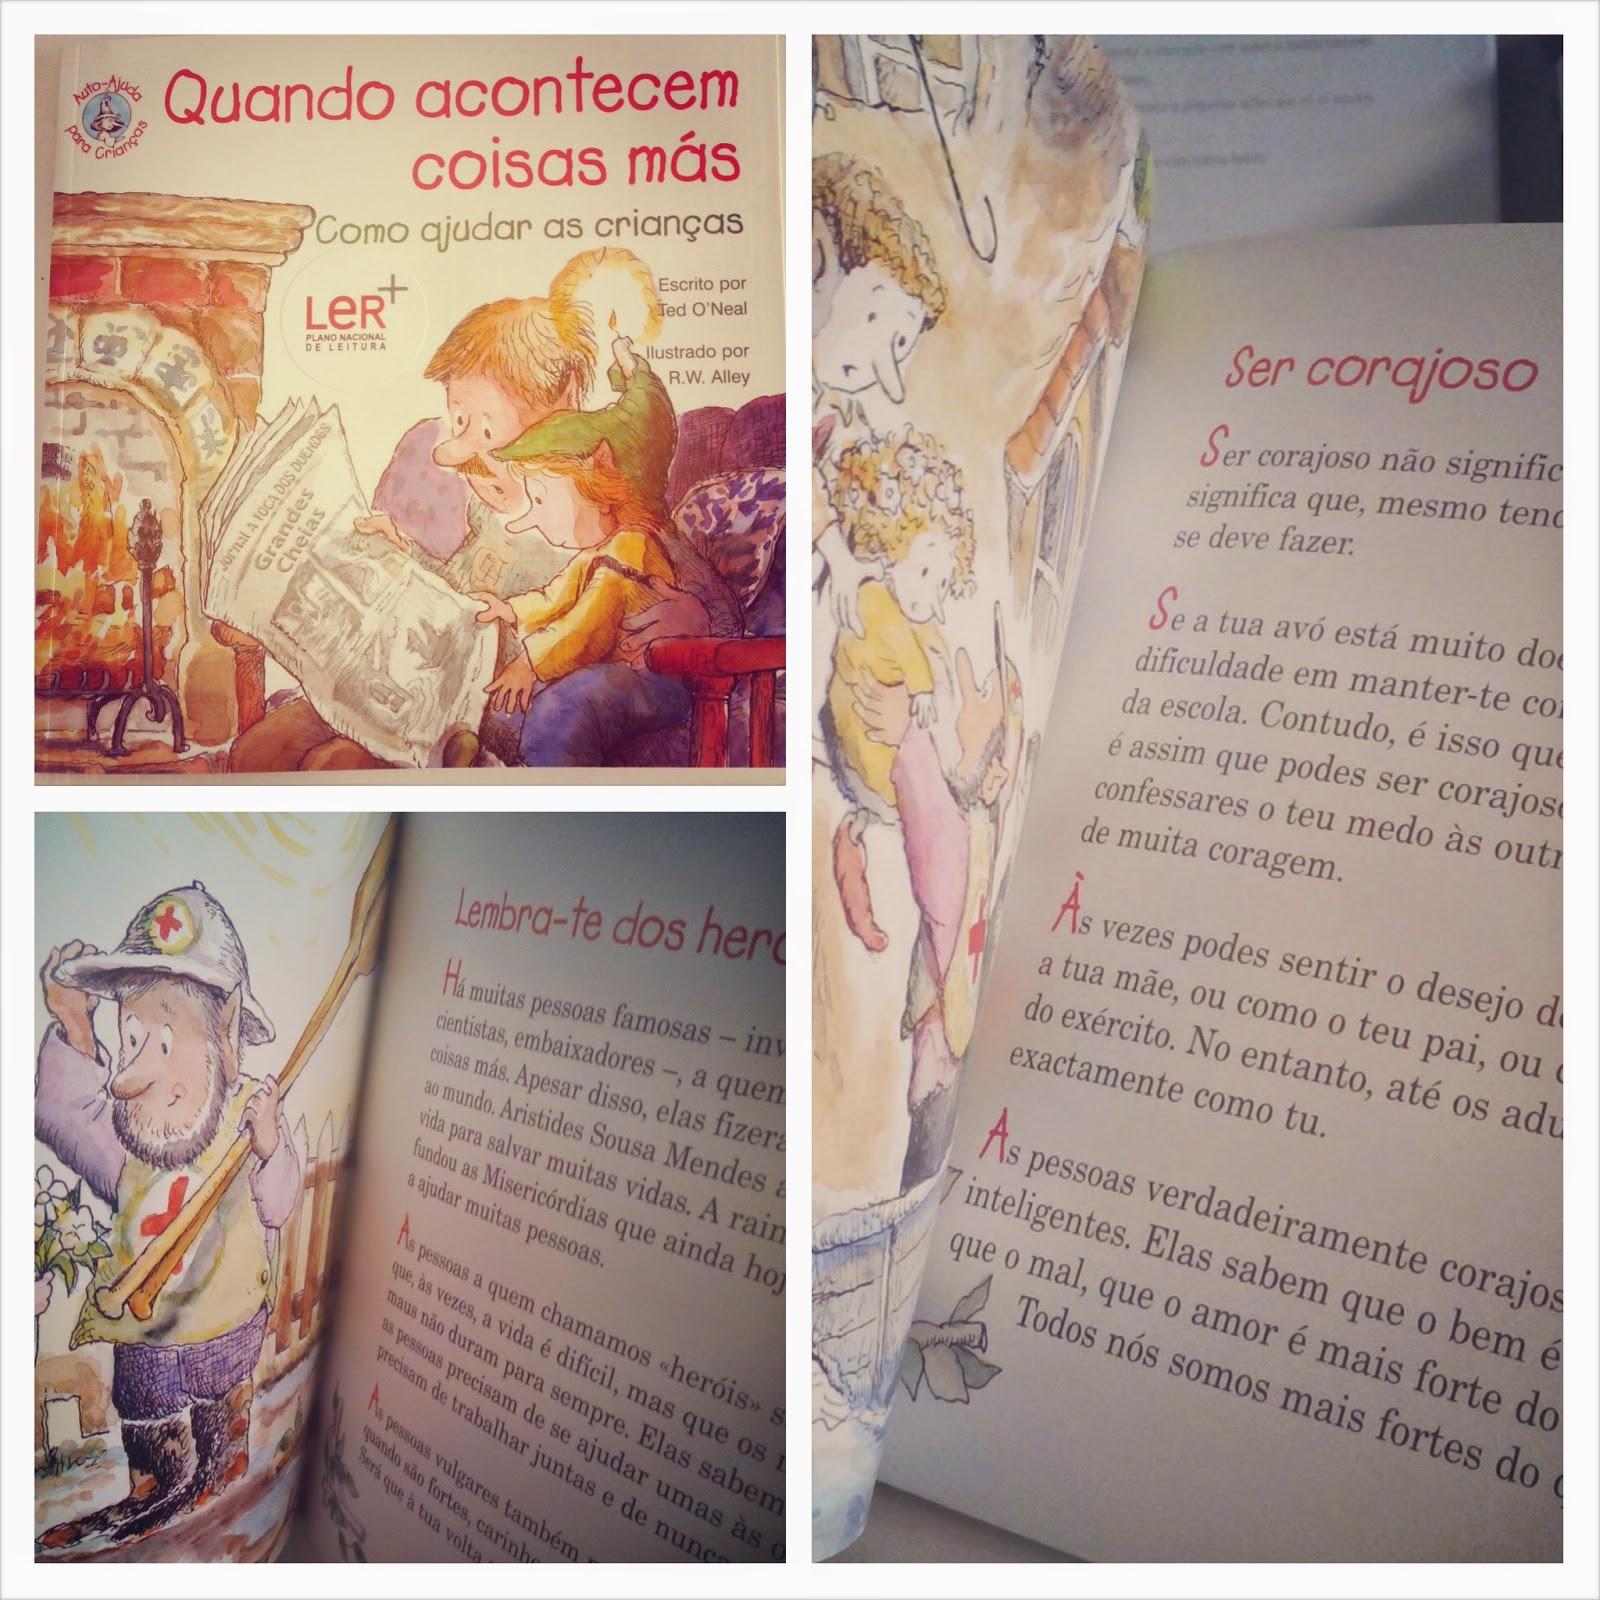 http://baupsicologico.blogspot.pt/2014/09/quando-as-coisas-mas-acontecem-livro.html